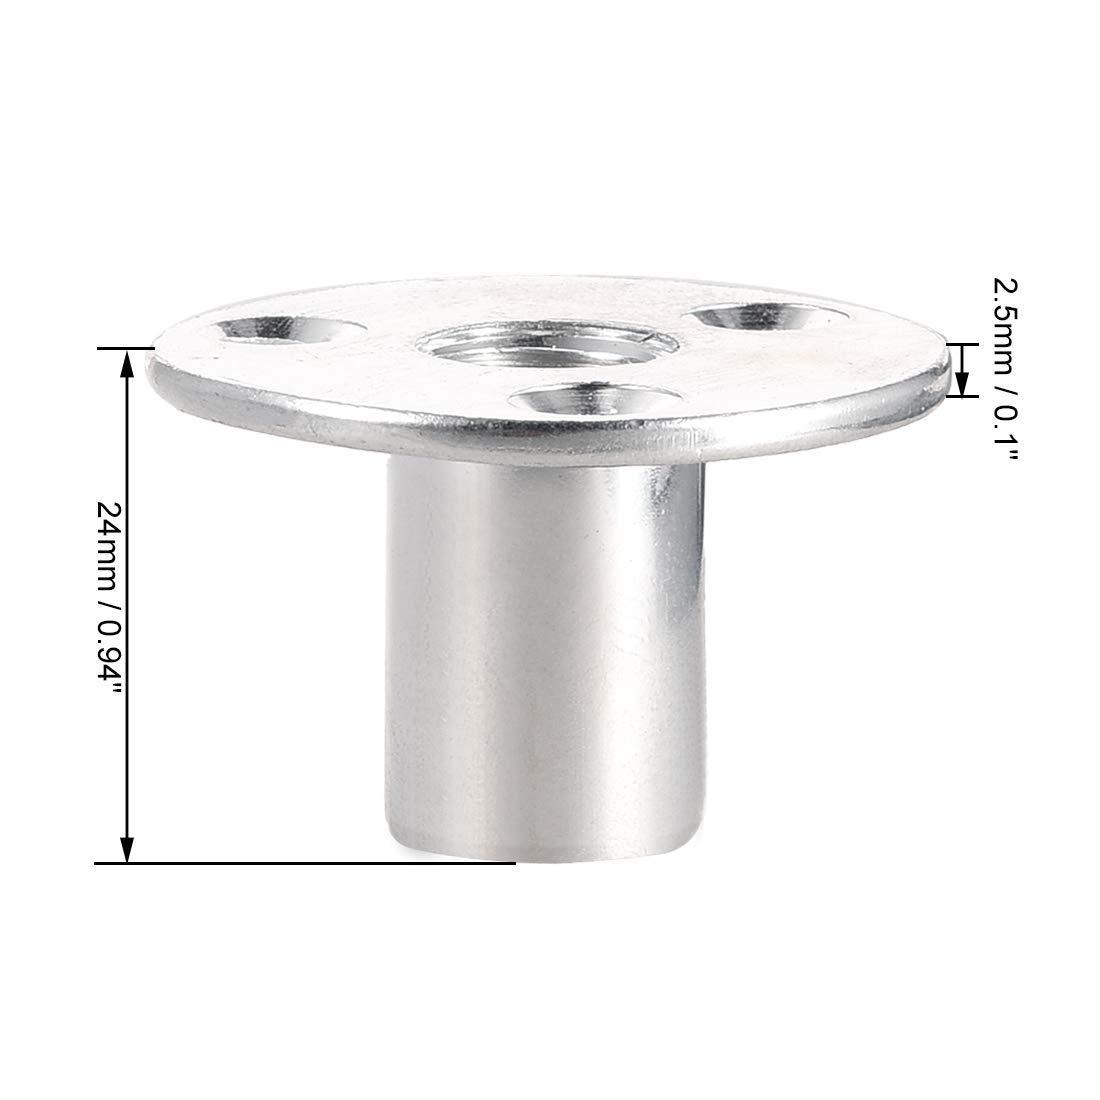 Nut Karbonstahl M12 x 40 x 2,5 mm Schraubenzieher f/ür Tee T-Nut rund